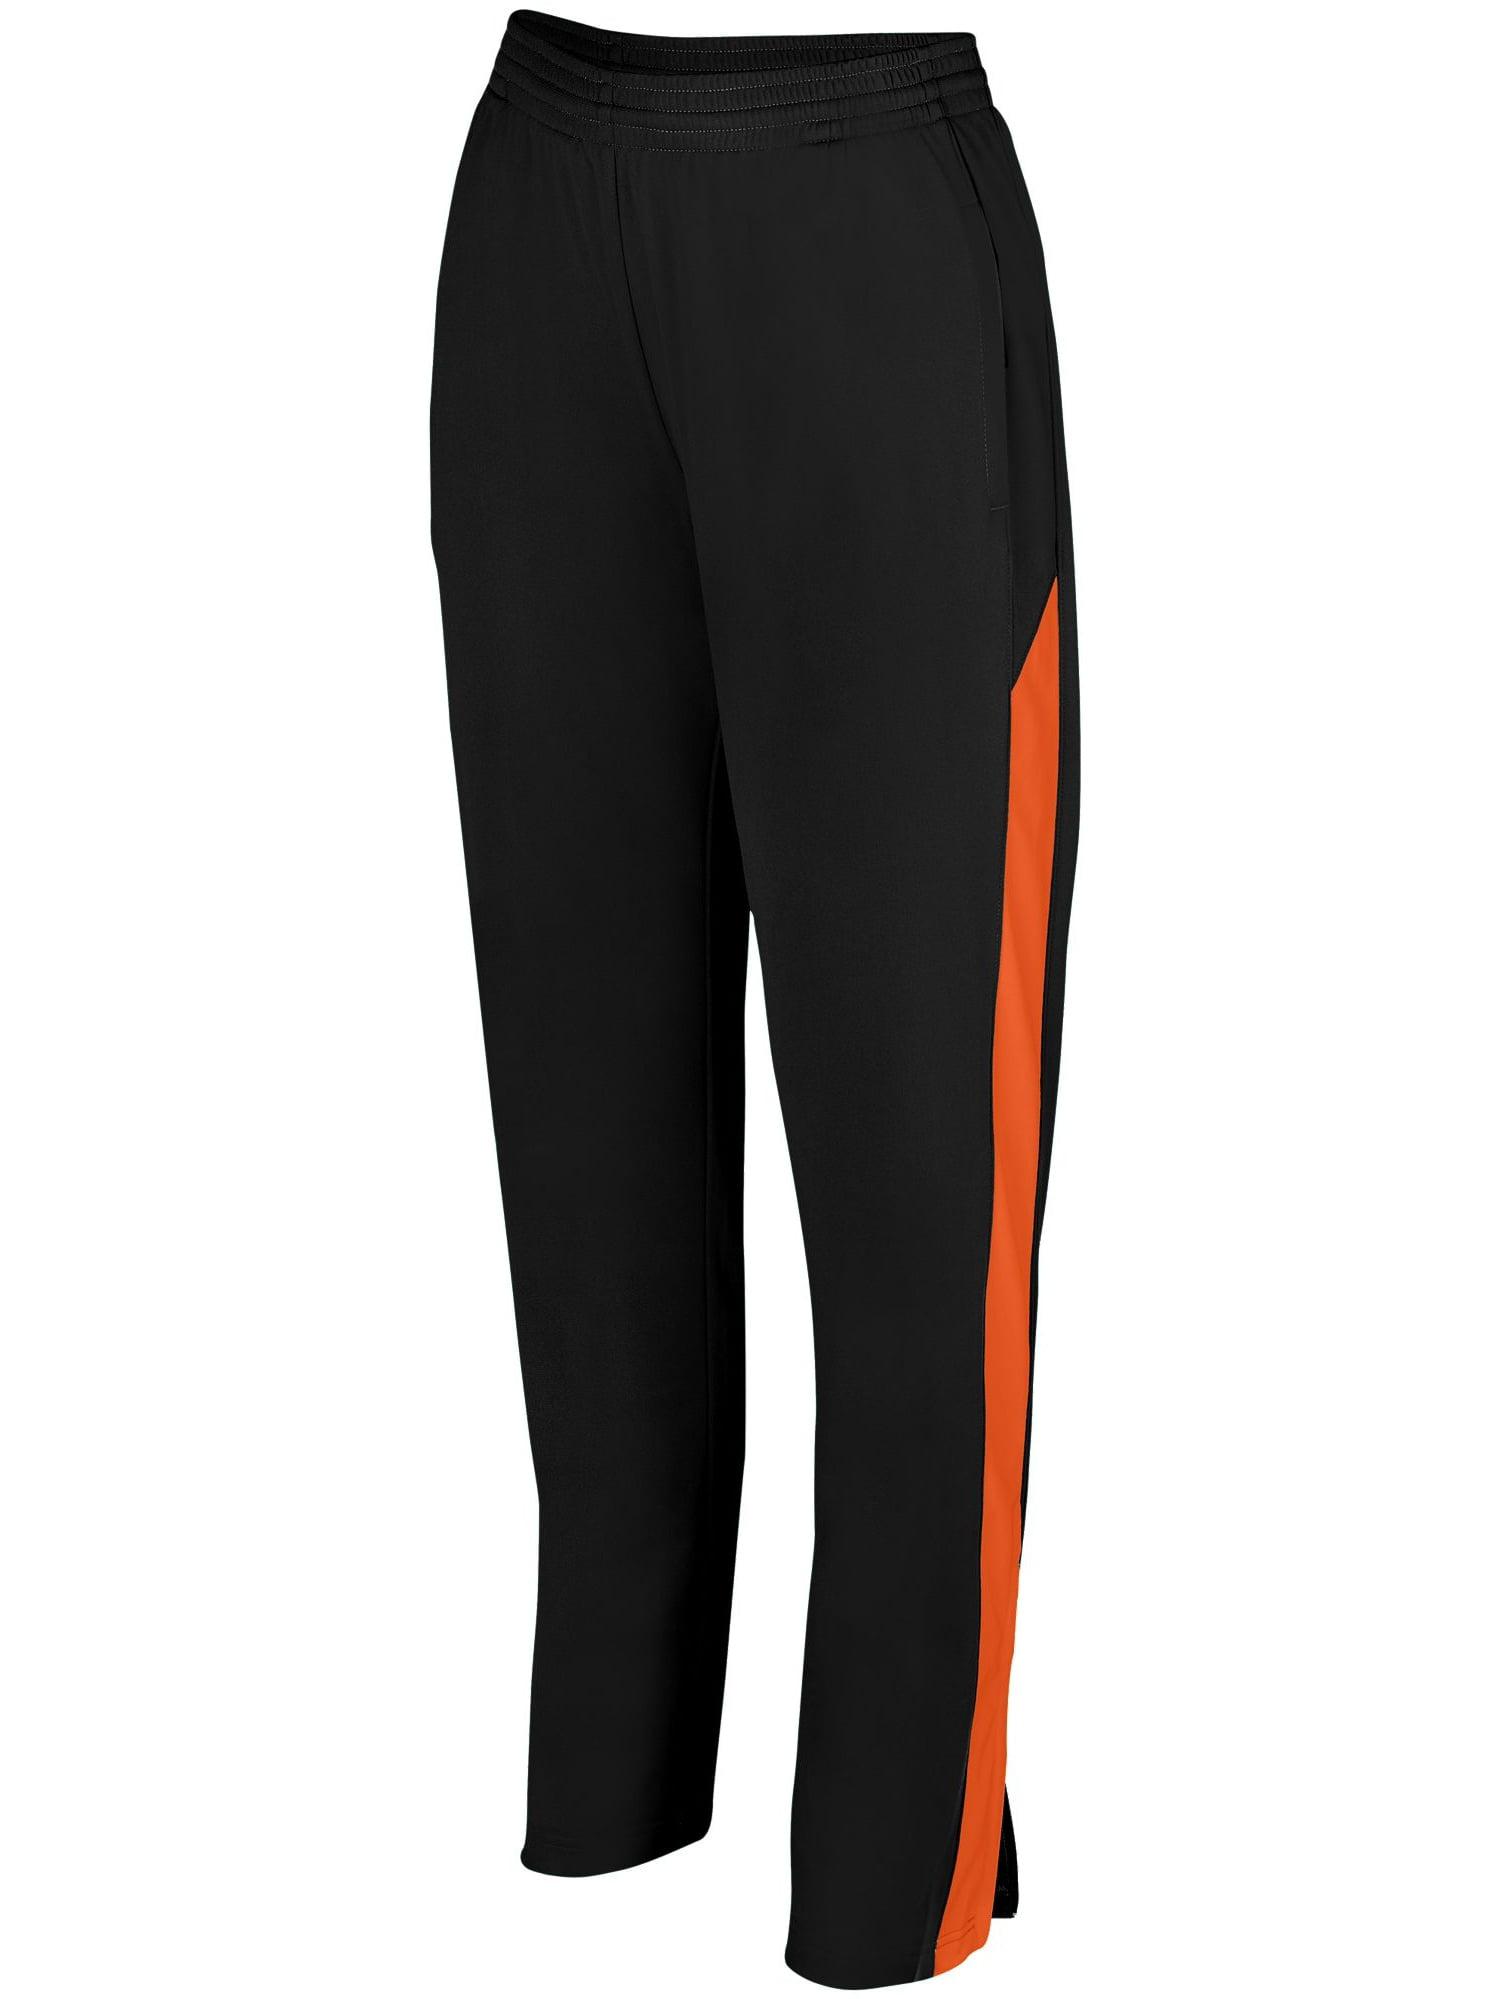 Augusta Sportswear Women's Medalist Pant 2.0 7762